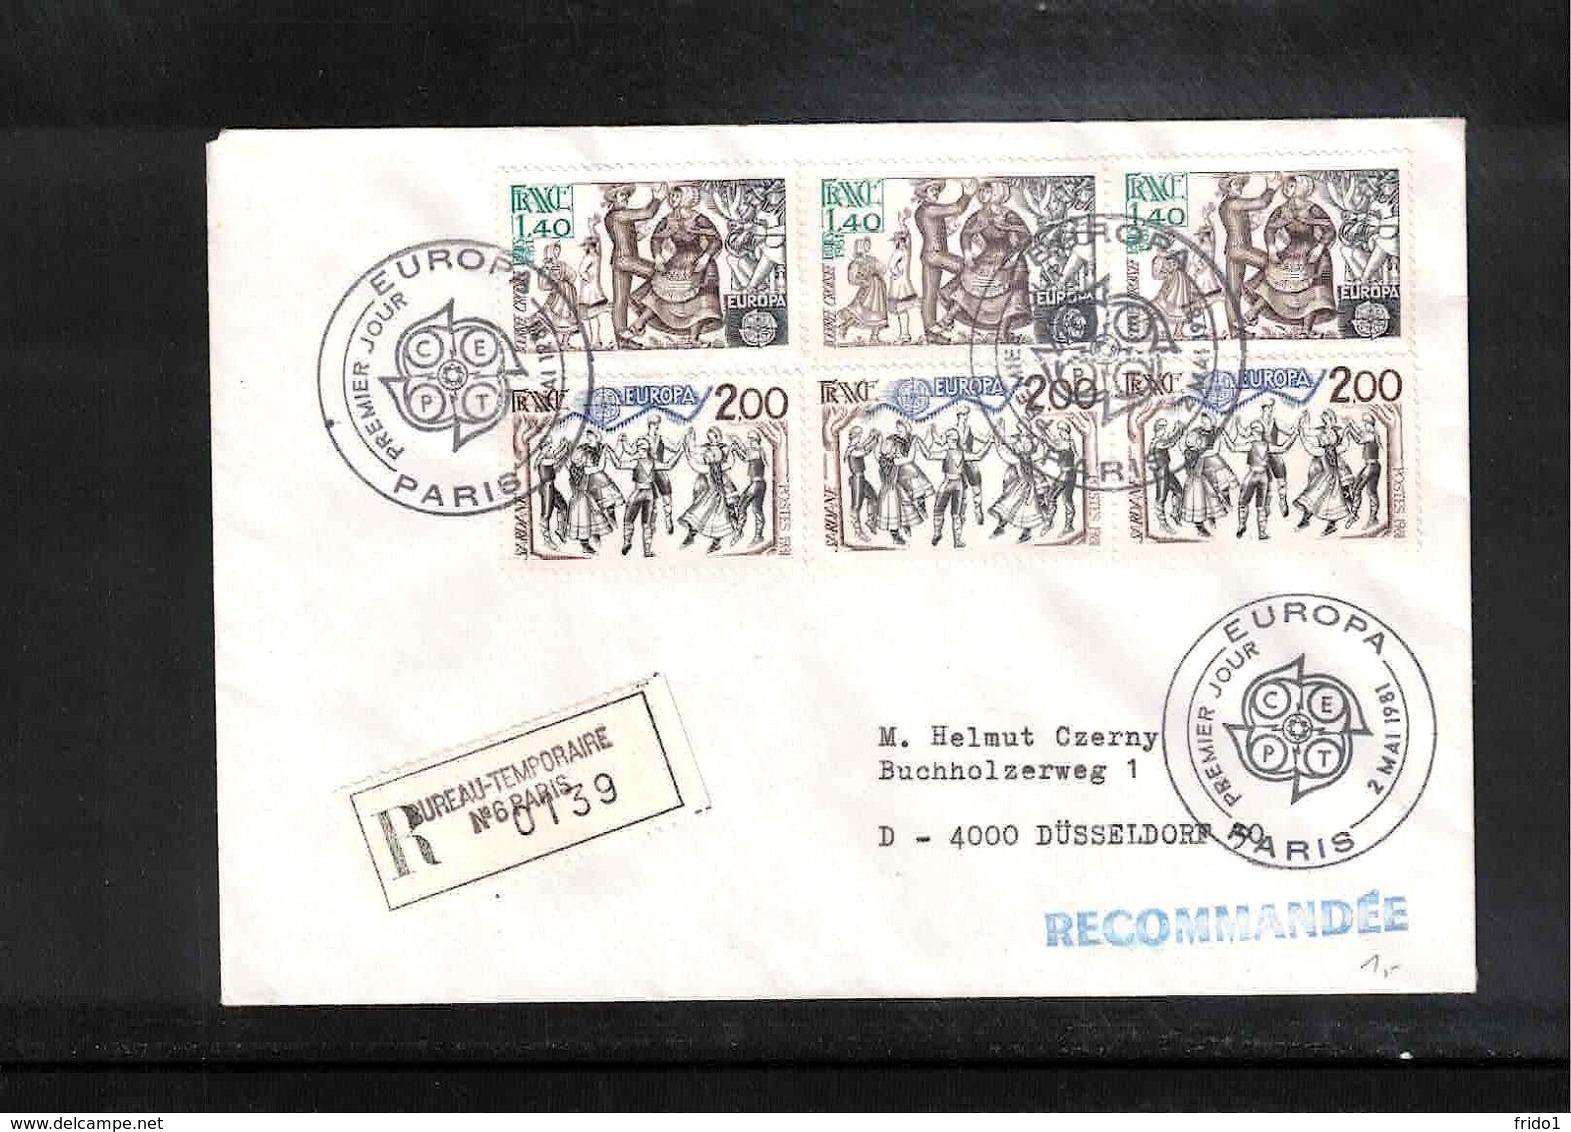 France / Frankreich 1981 Europa Cept Interesting Registered Letter FDC - Europa-CEPT